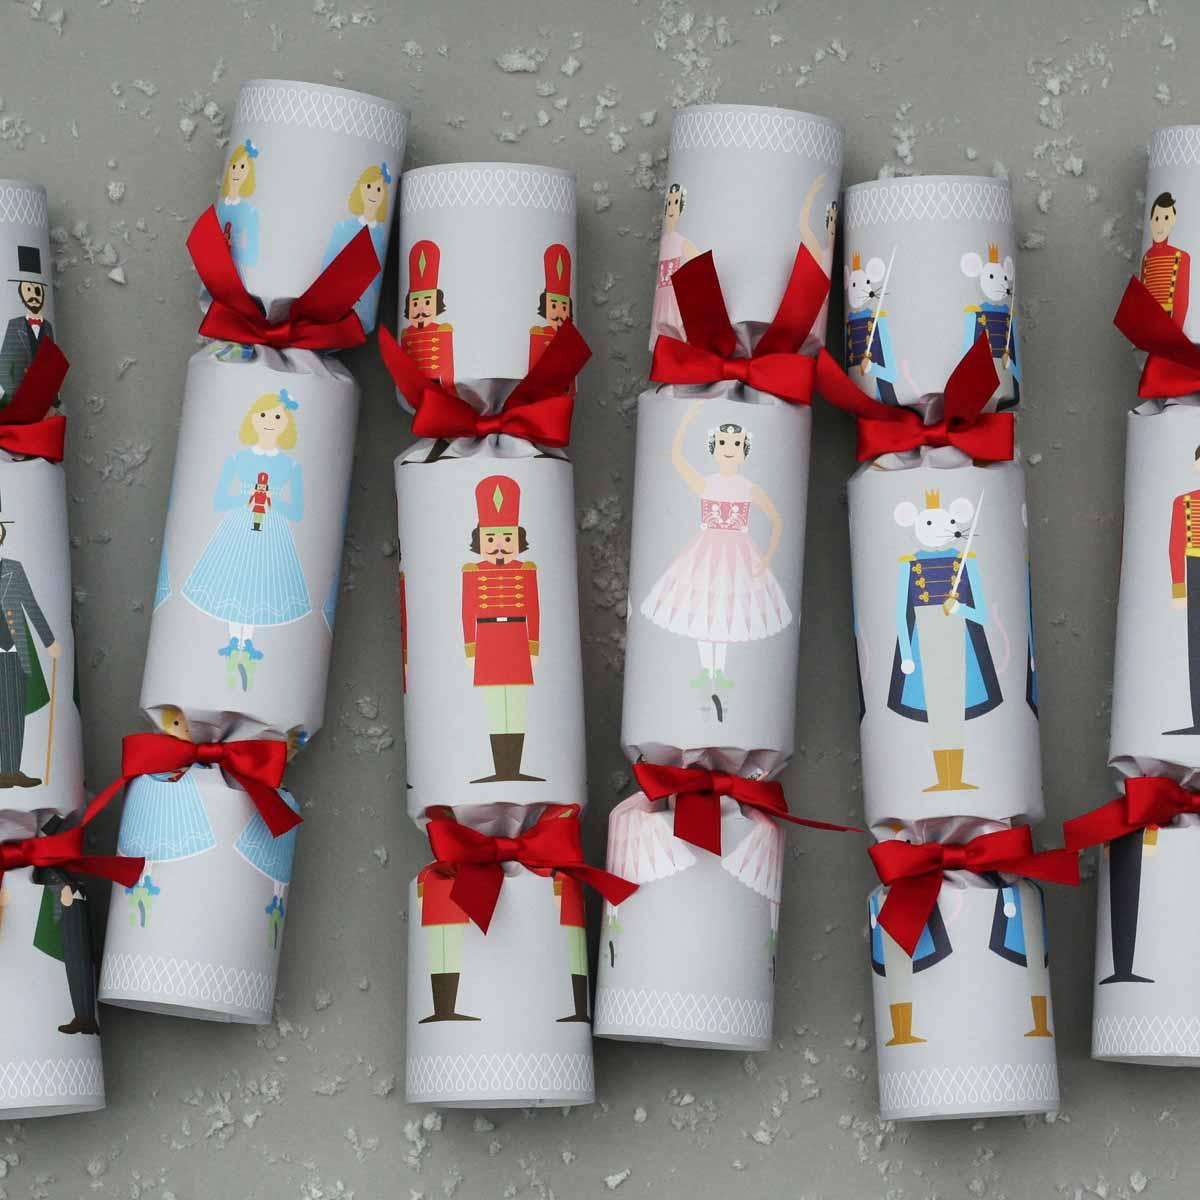 Weihnachtscracker im Gustavia Onlineshop